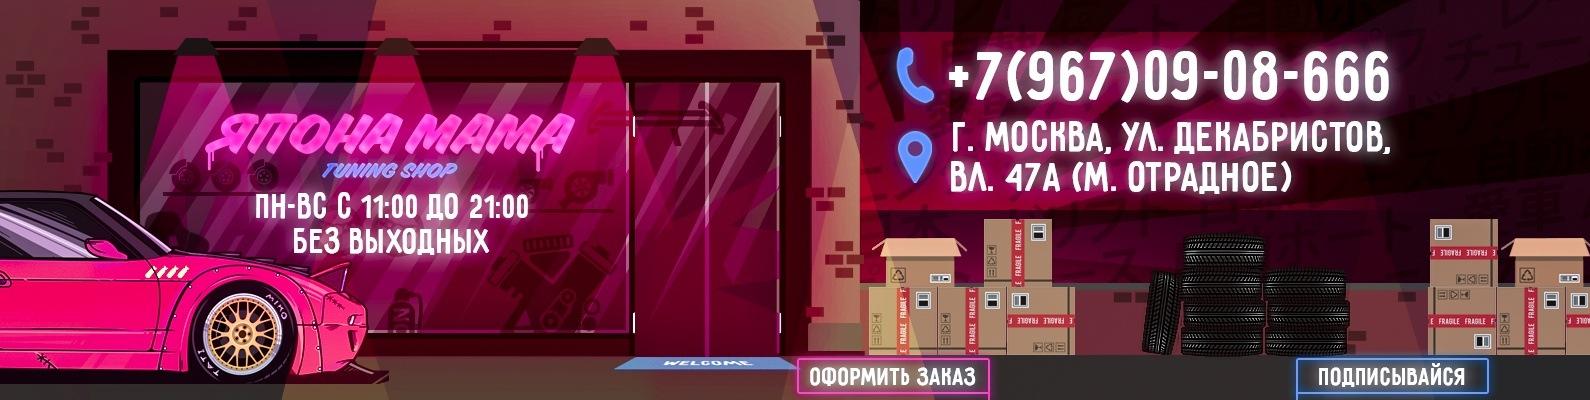 Япона Мама - Tuning shop   ВКонтакте 38c60178bb9